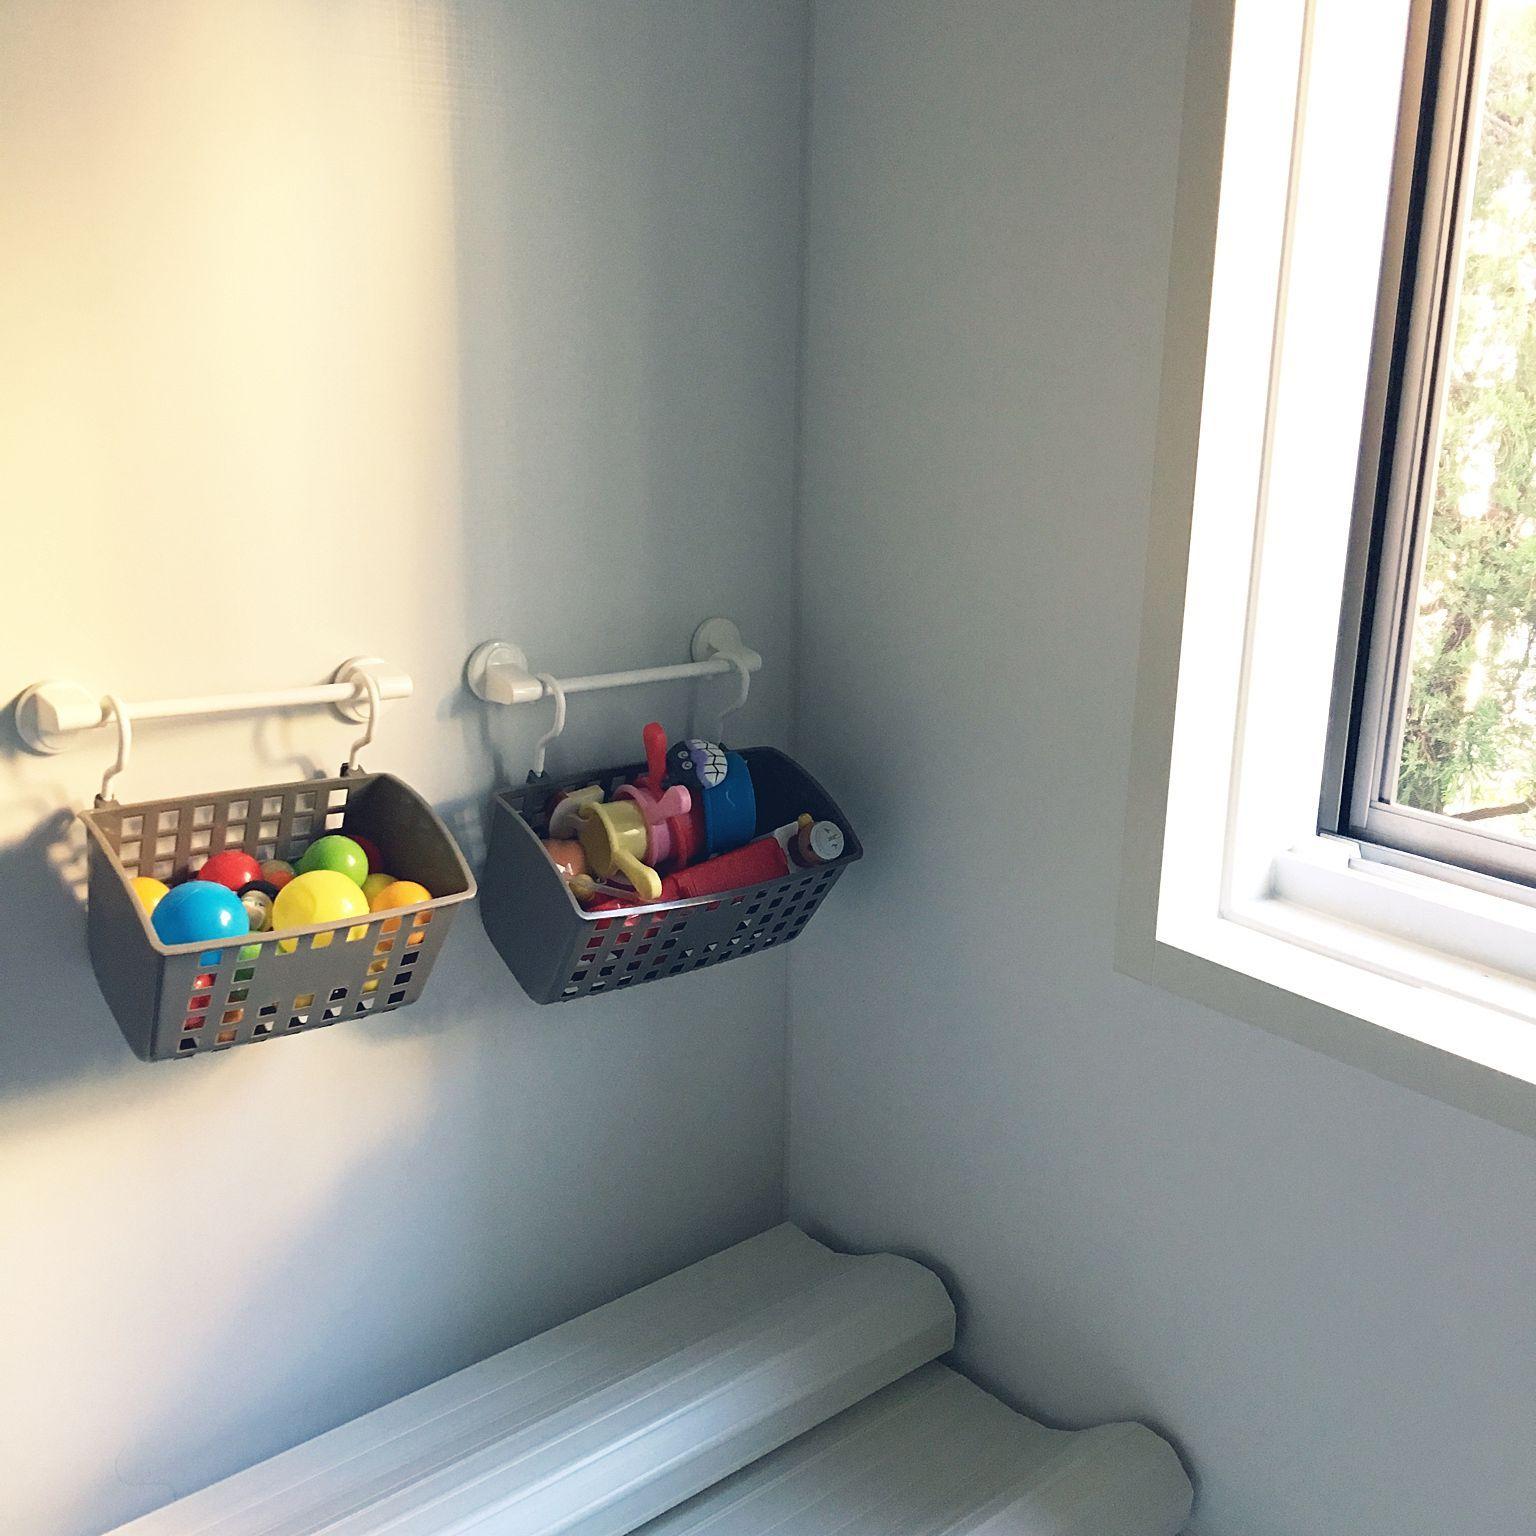 バス トイレ お風呂のおもちゃ お風呂 100均 ダイソー などのインテリア実例 2016 11 01 14 30 05 Roomclip ルームクリップ お風呂のおもちゃ バスタオル 収納 お風呂 おもちゃ